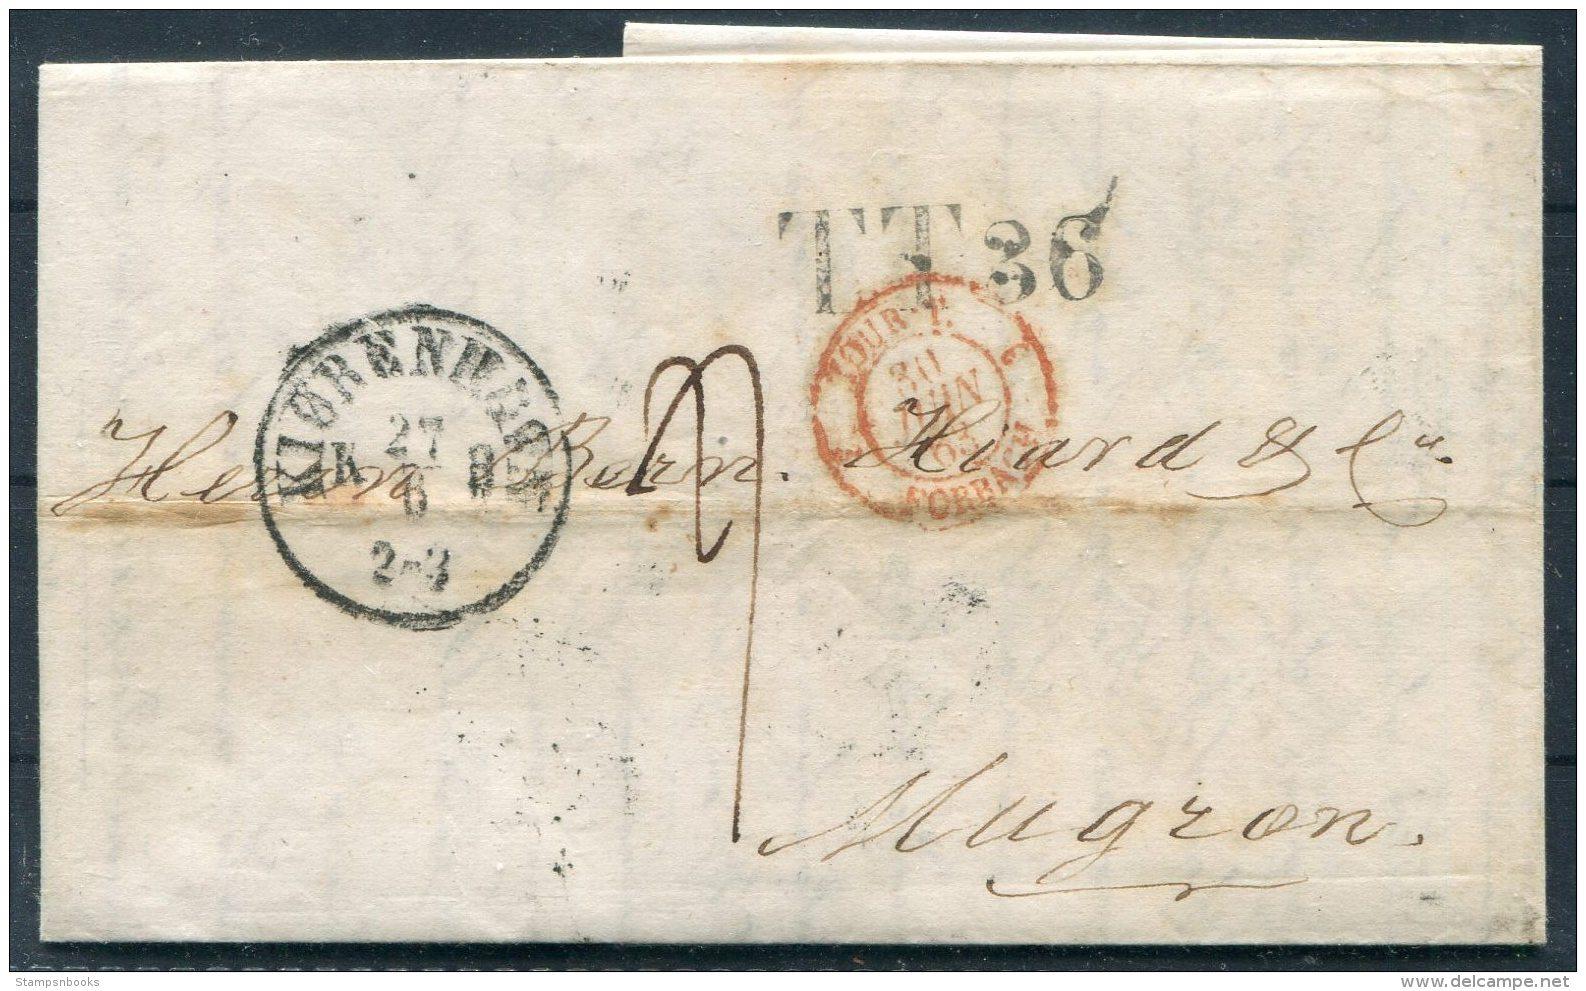 1863 Denmark Copenhagen Entire - Mugron France Via Hamburg TT36 - 1851-63 (Frederik VII)